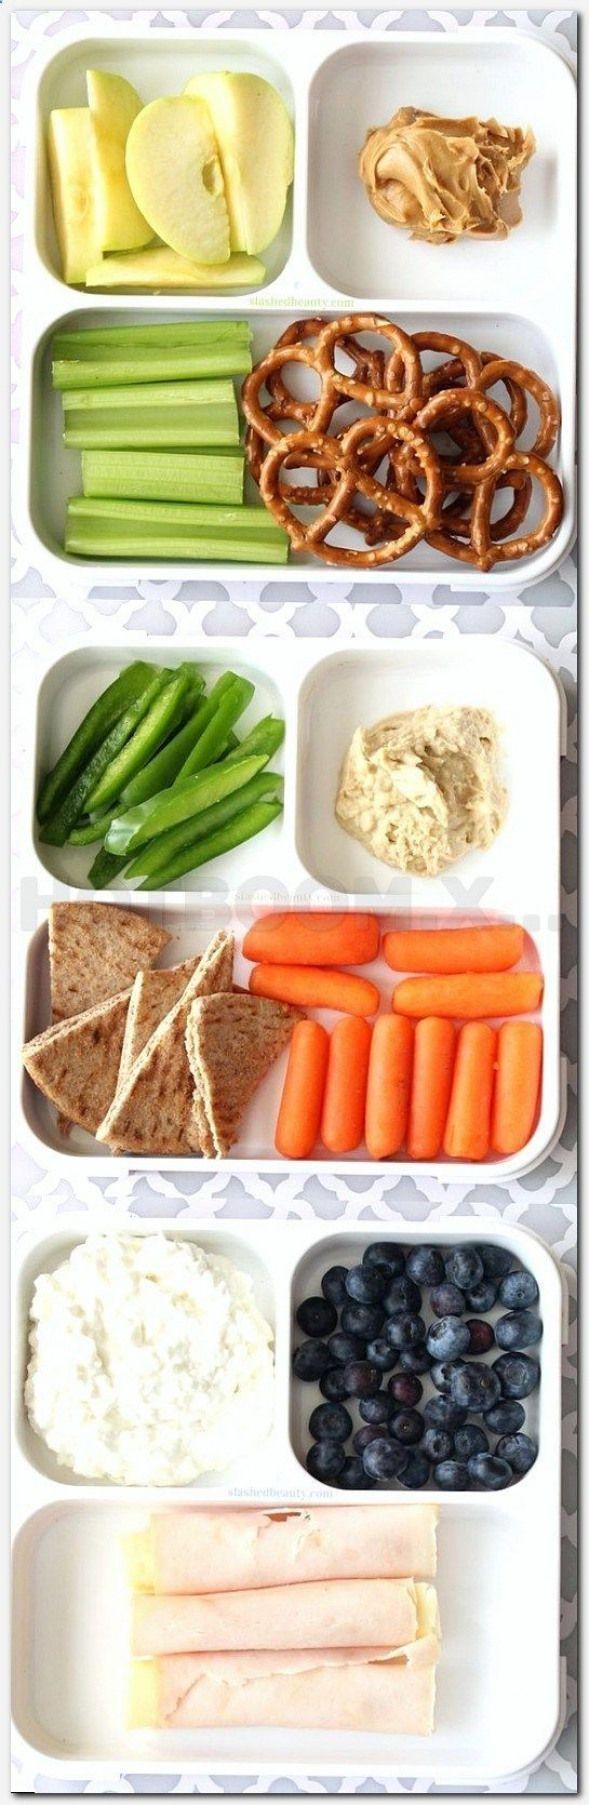 Menüs für gesunde Diäten zur Gewichtsreduktion